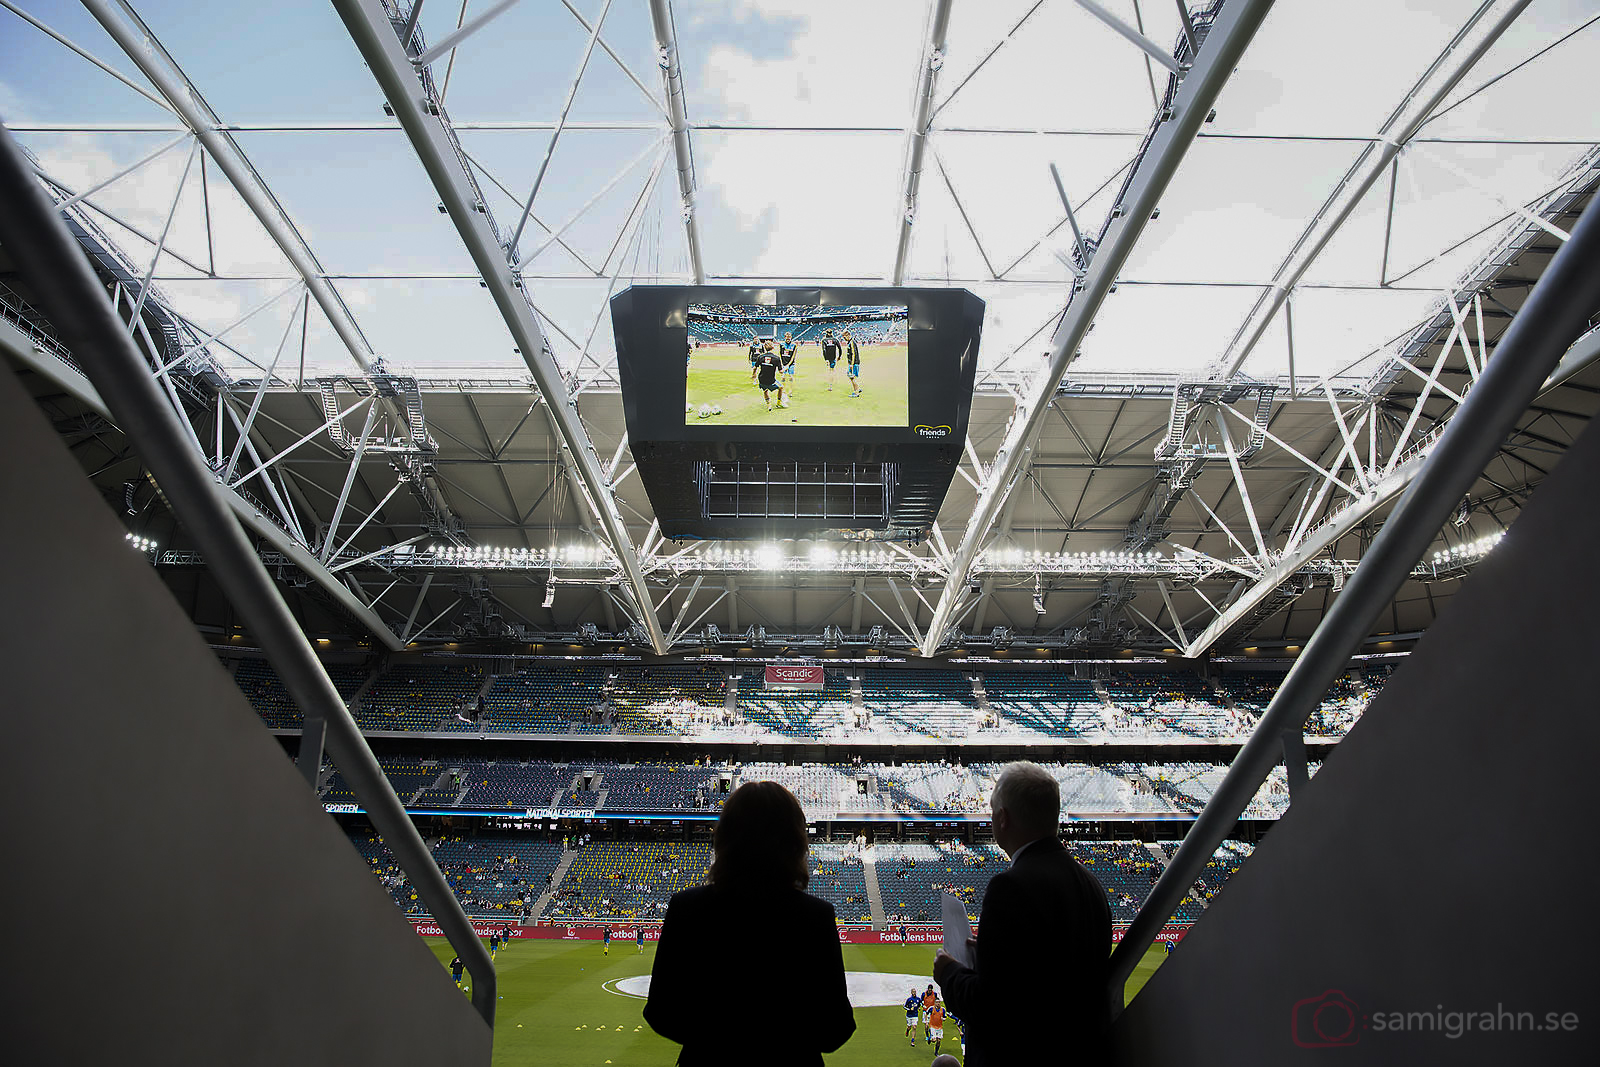 Fotboll ur ett fågelperspektiv